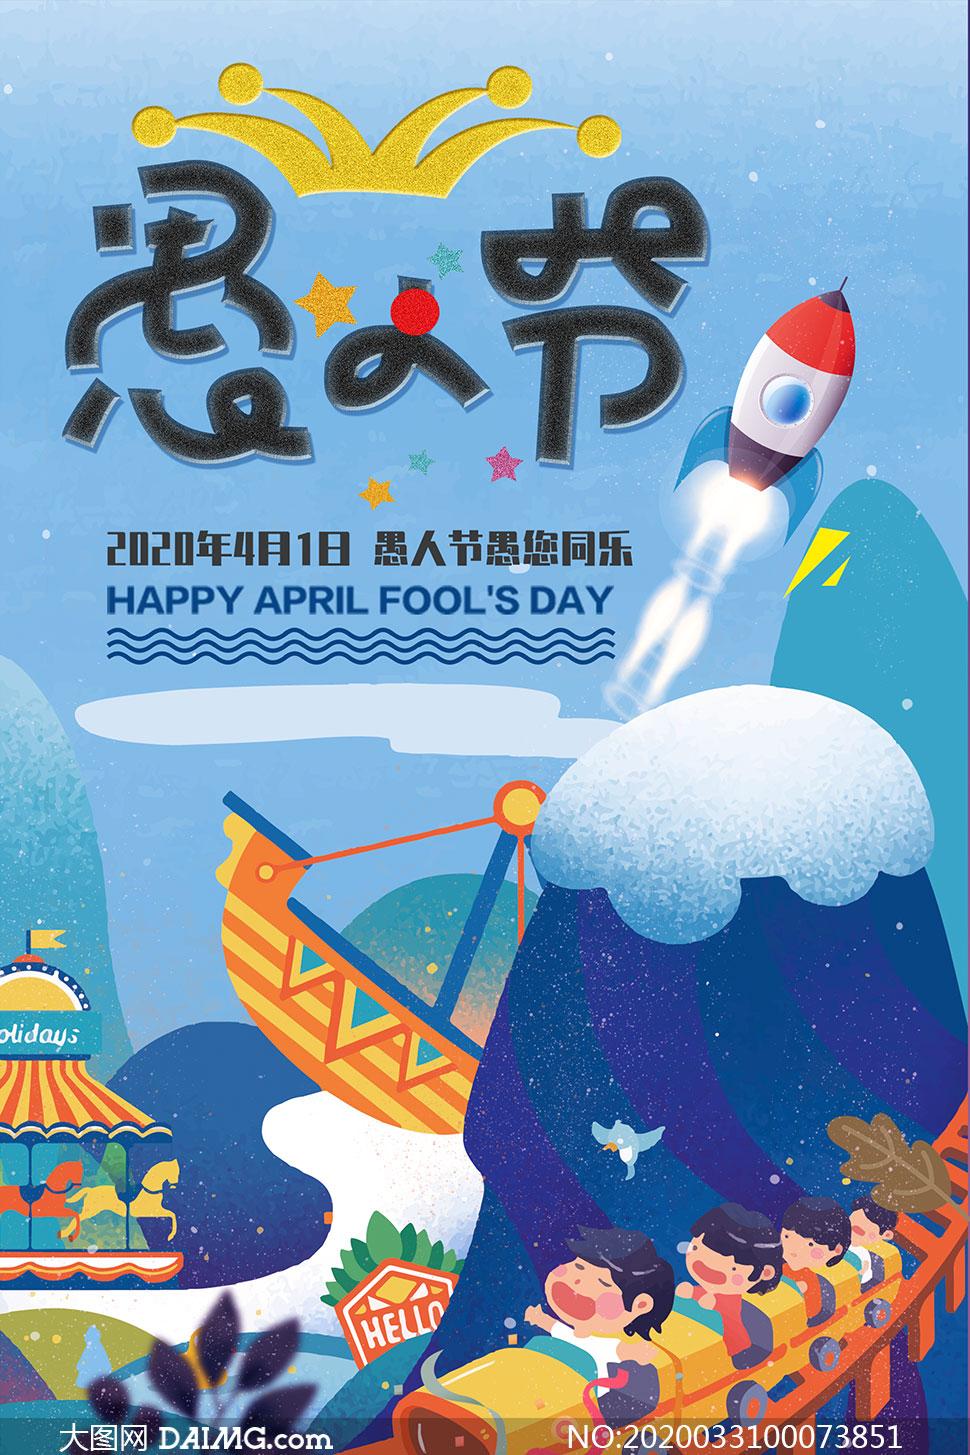 插画主题愚人节海报设计PSD源文件